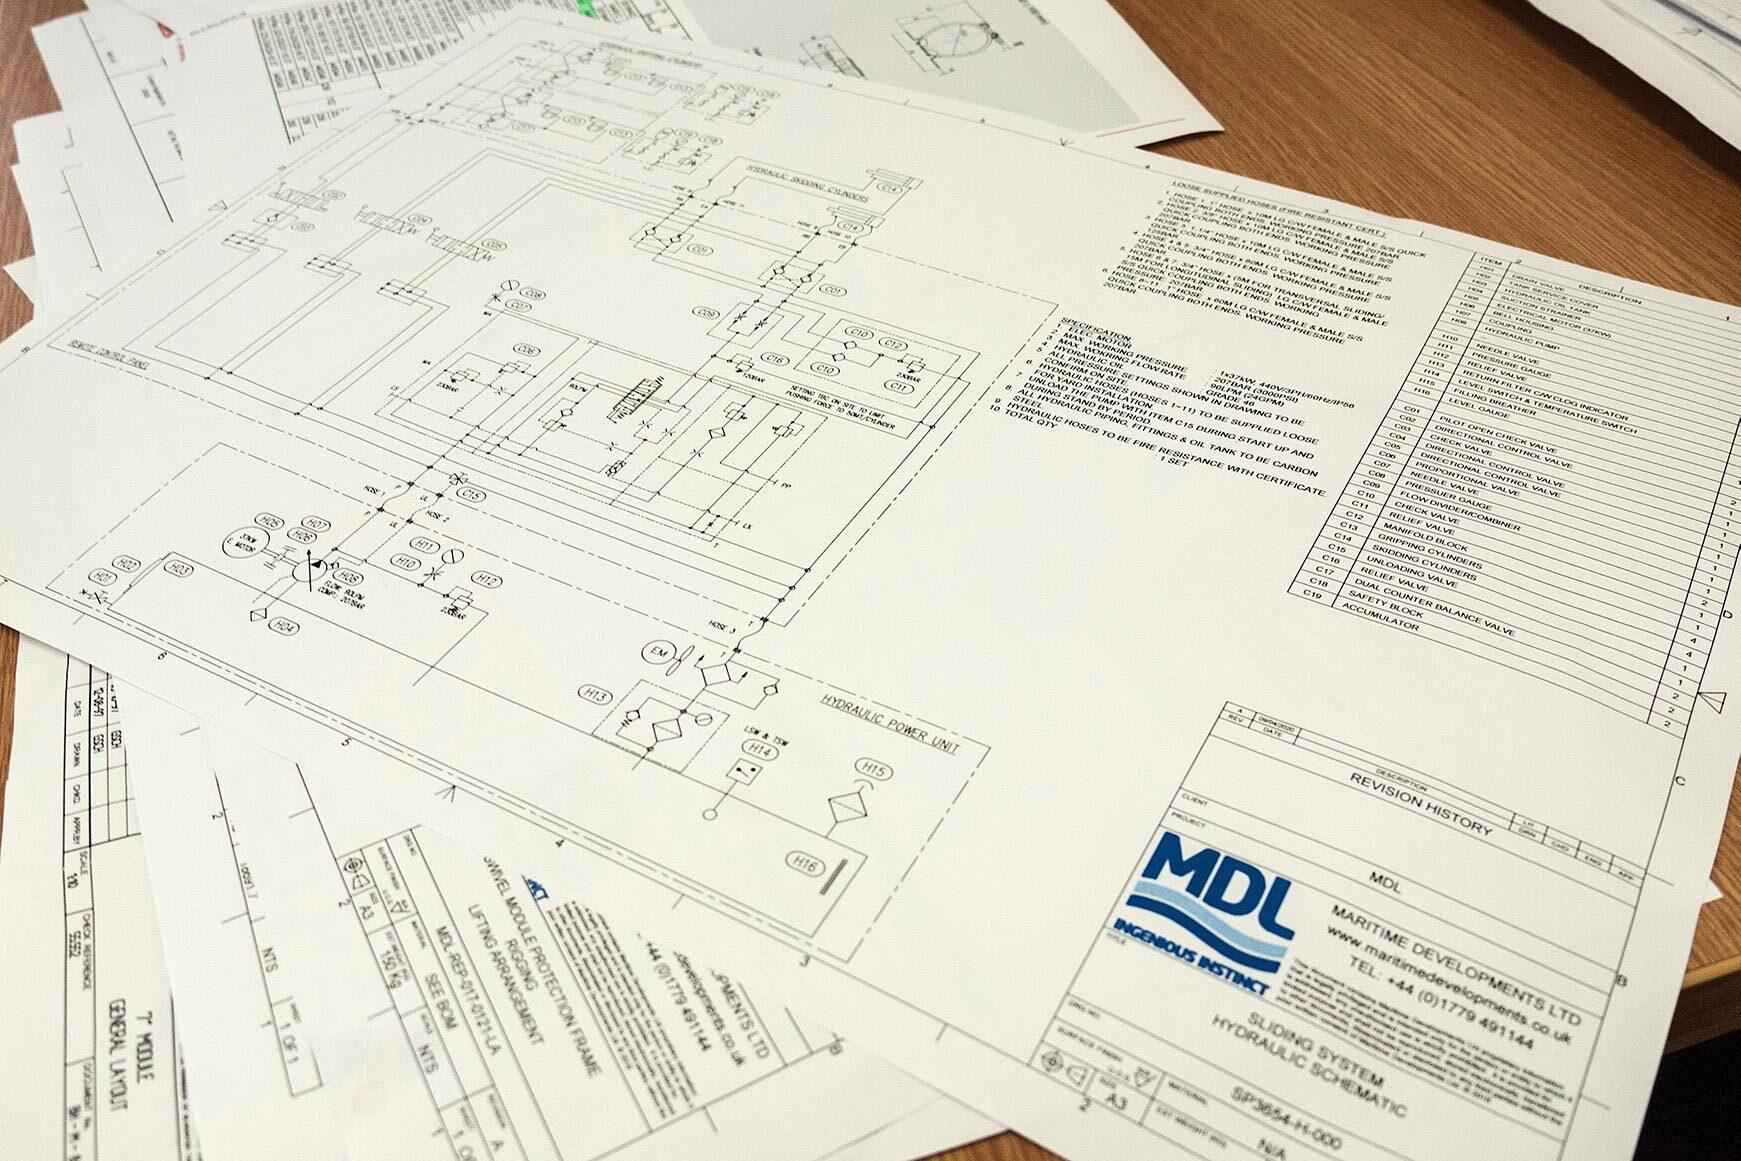 MDL Schematic